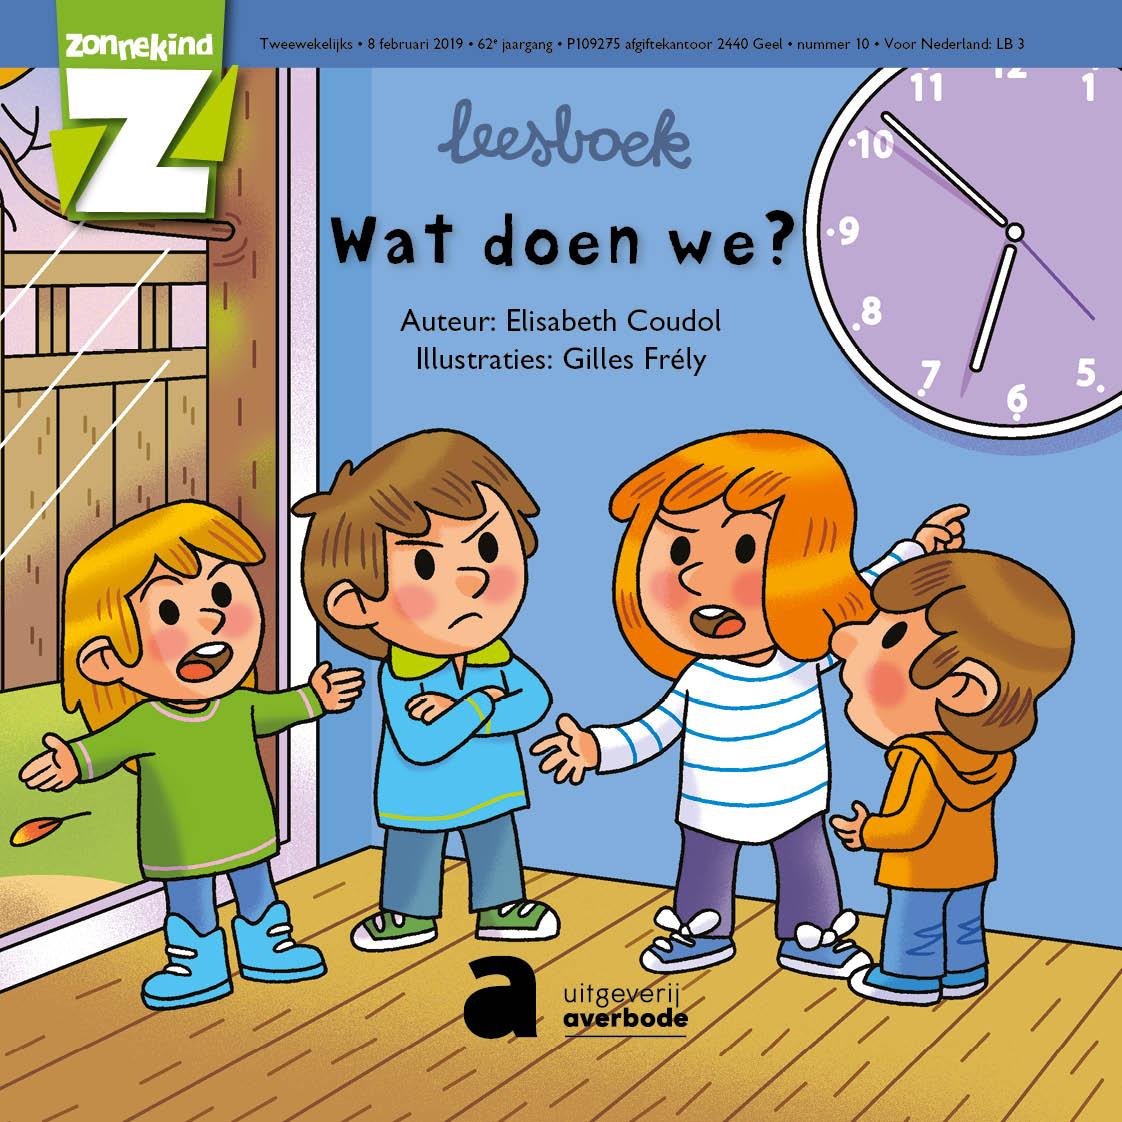 Zonnekind, N°10 - leesboek - 8 februari 2019 - Wat doen we?